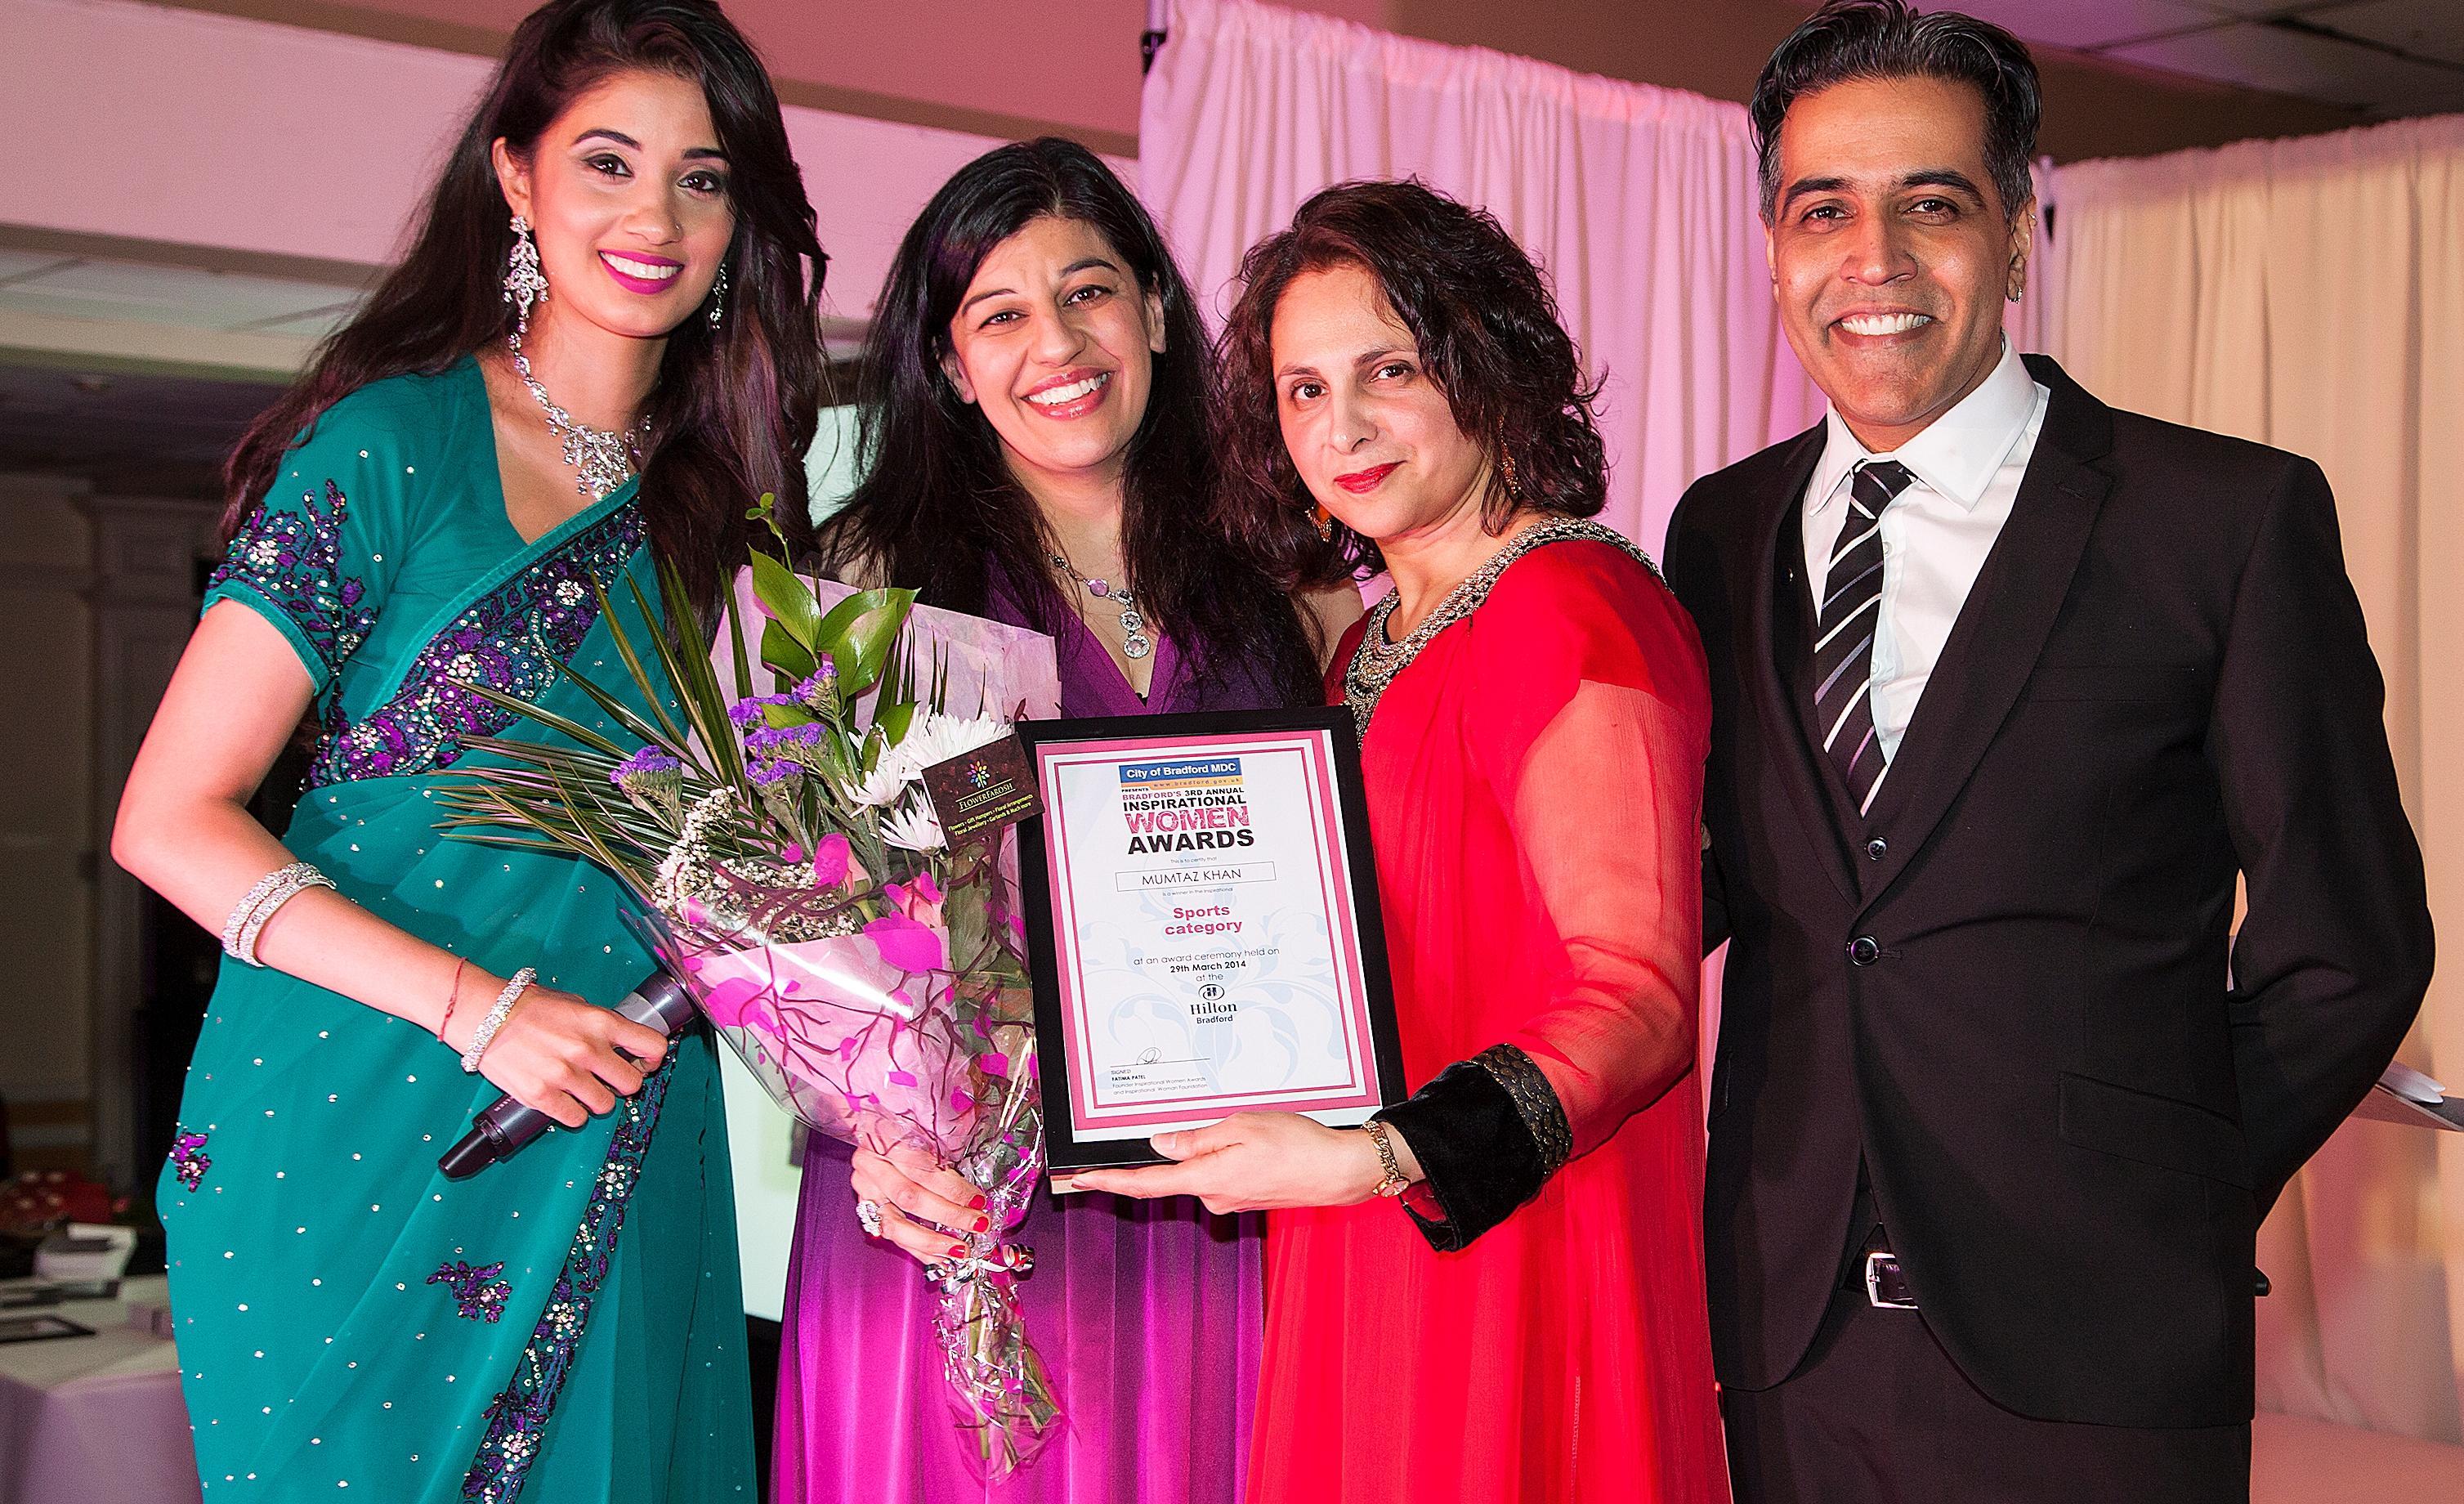 2014 Winner of Sport category Mumtaz Khan presented by Adeeba Malik MBE